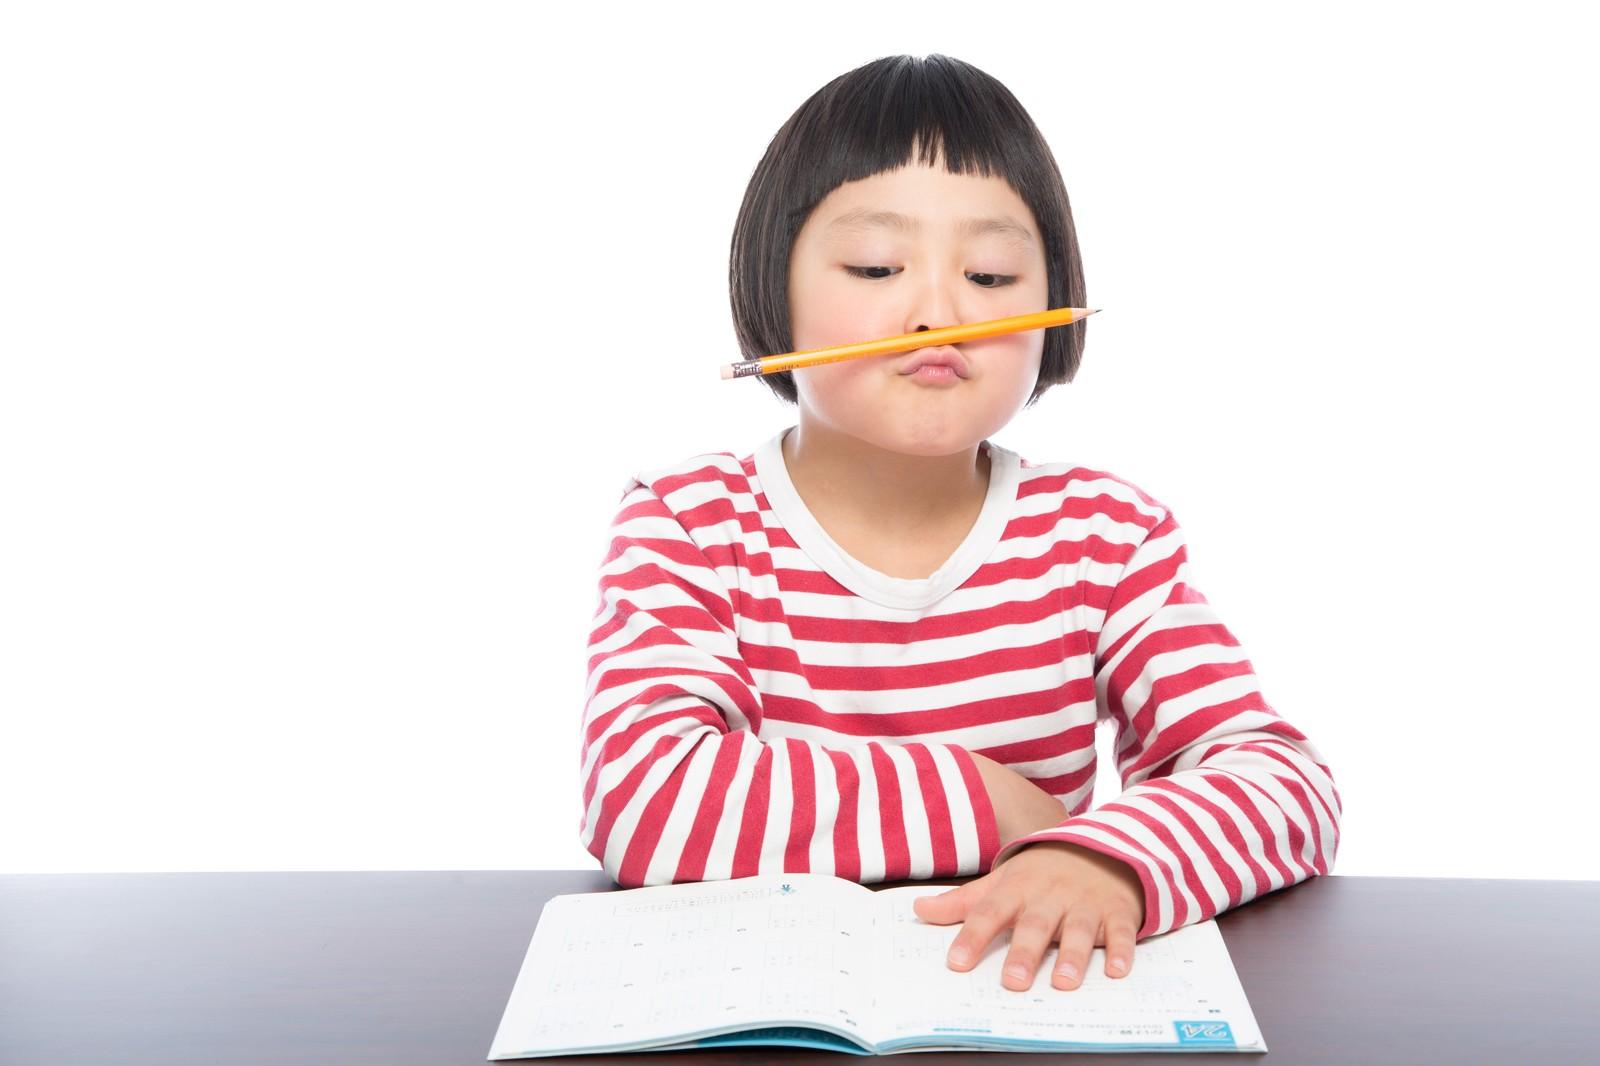 鉛筆の濃さを悩んでいる少女